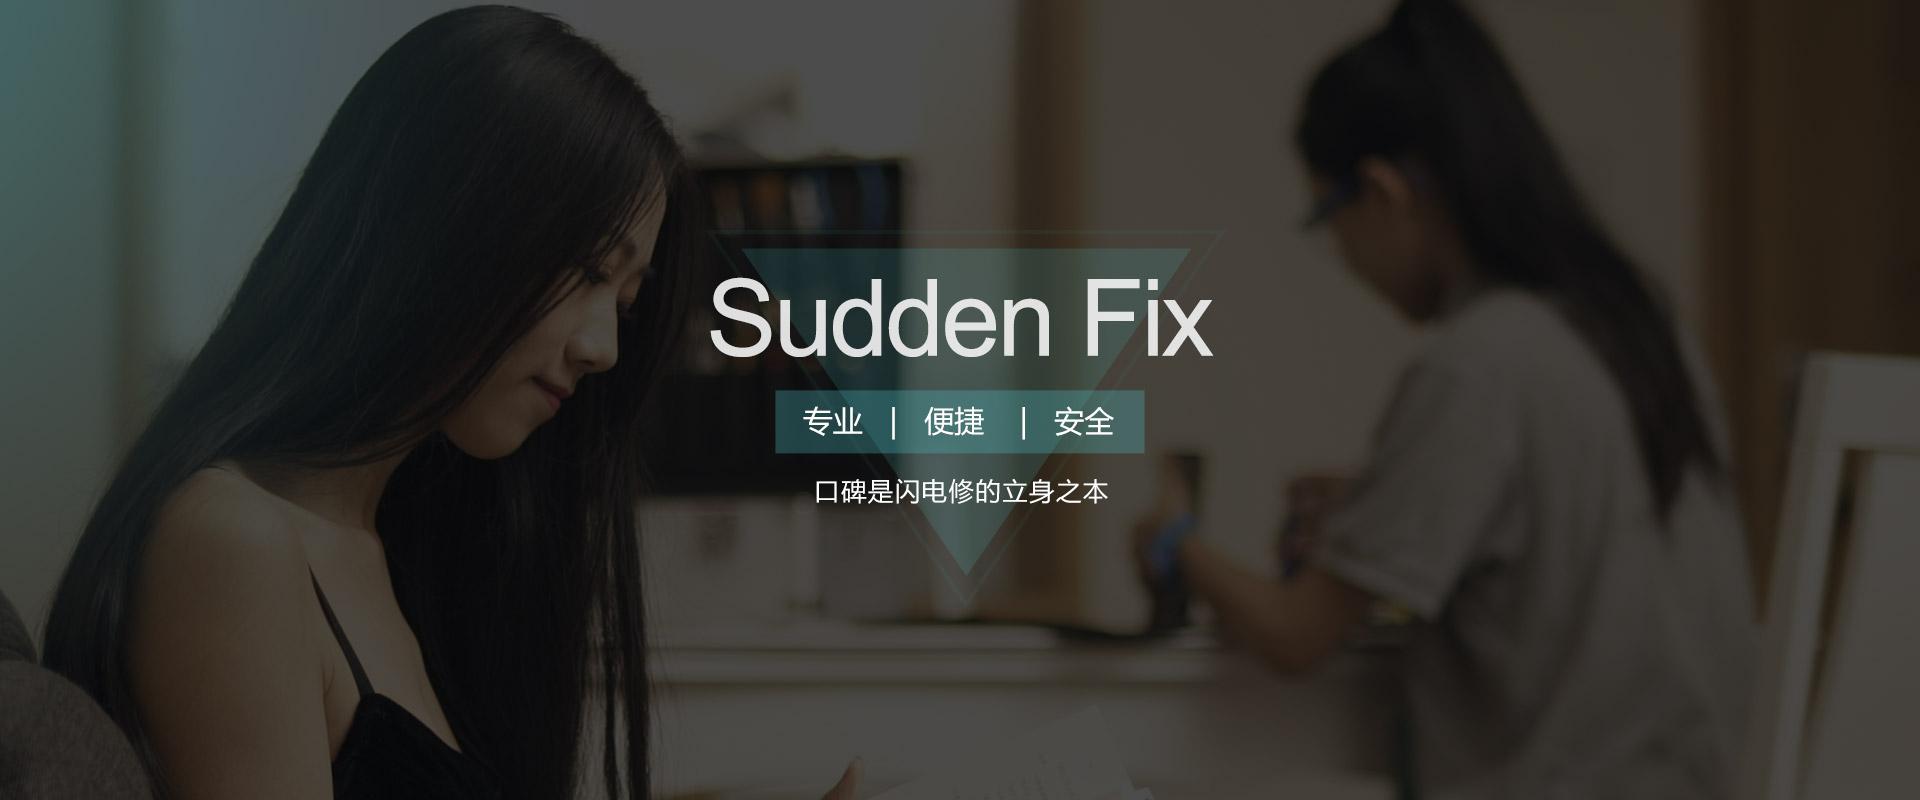 闪电修suddenfix,口碑是闪电修的立身之本,专业、便捷、安全的上门手机维修服务平台